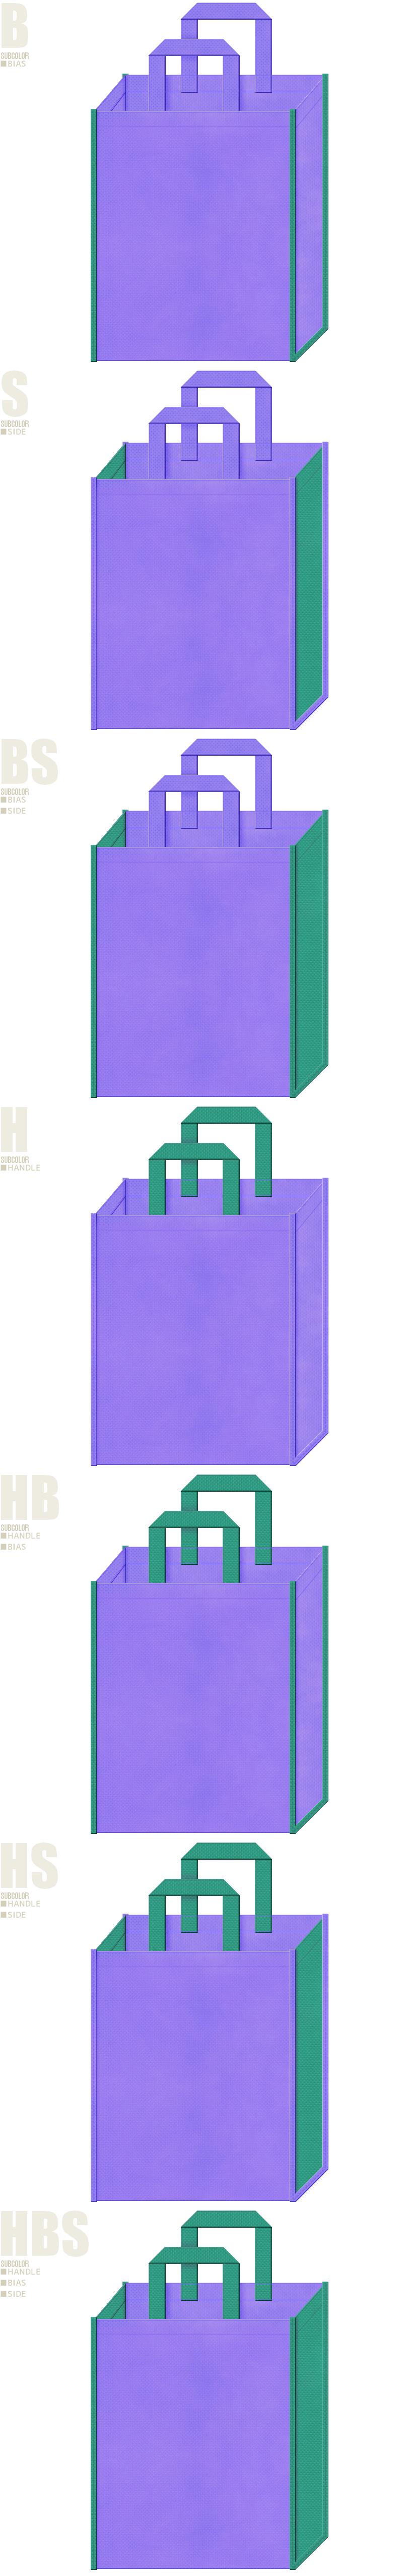 薄紫色と青緑色の配色7パターン:不織布トートバッグのデザイン